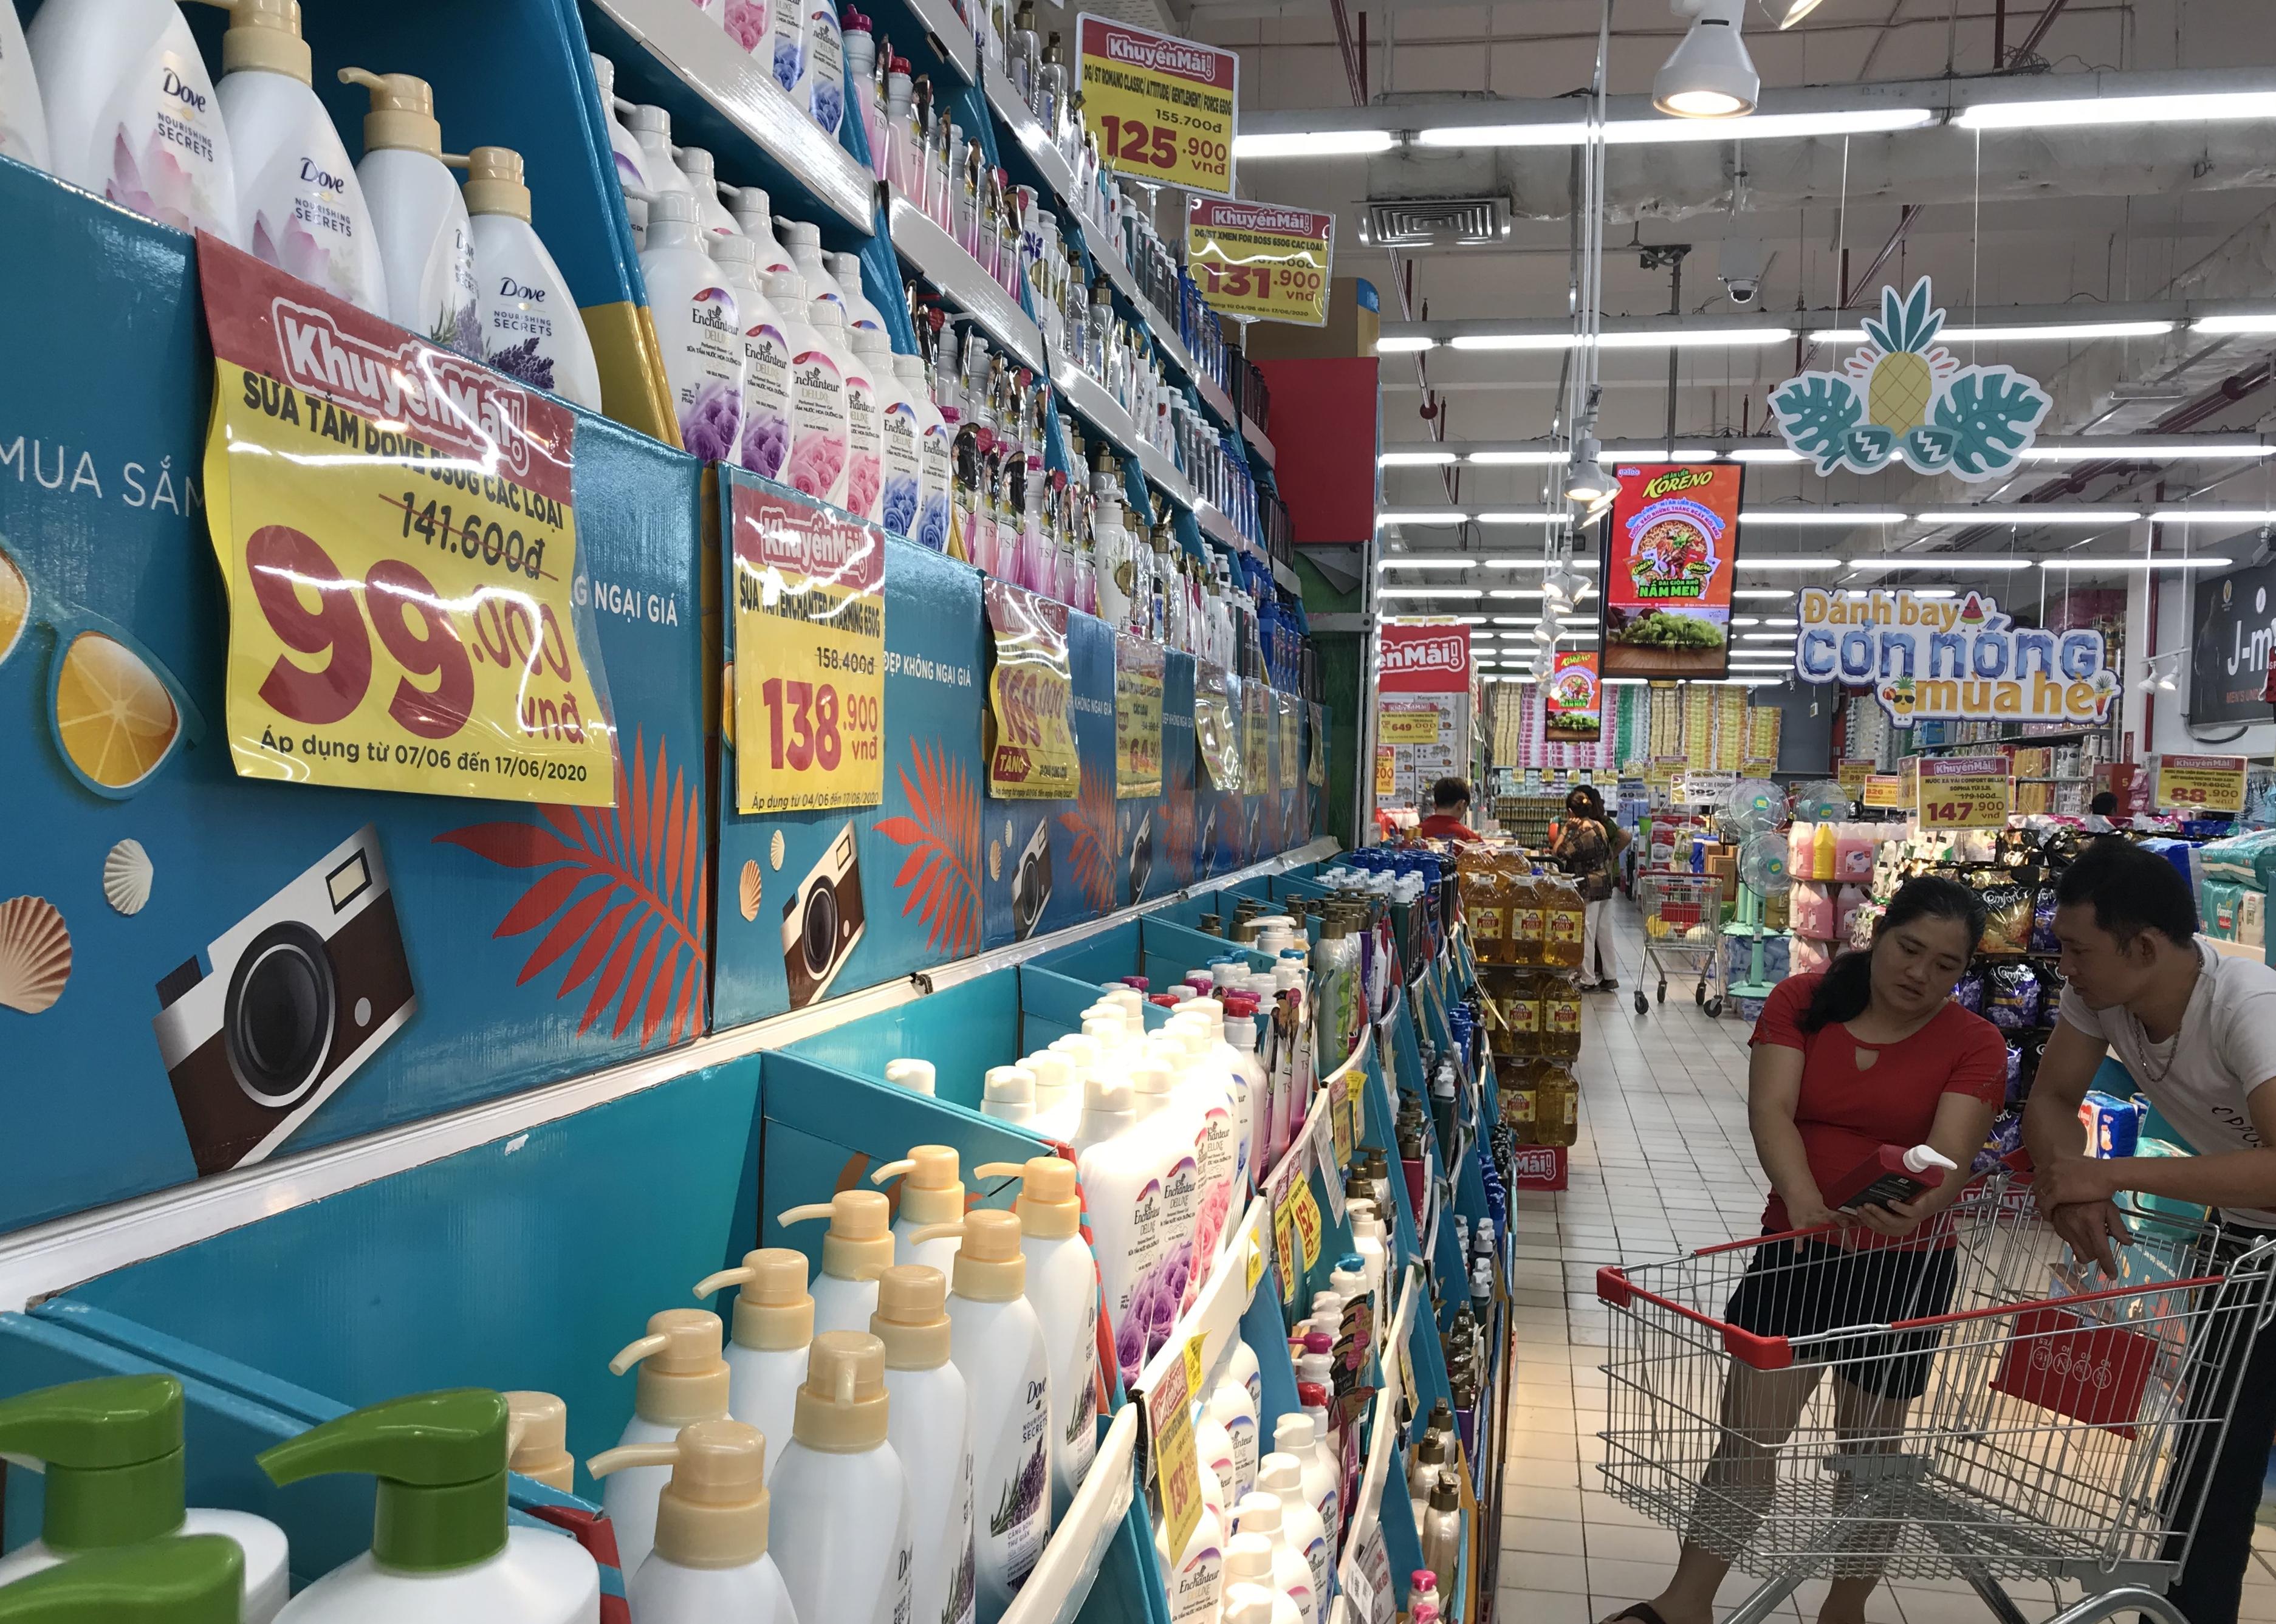 Sắp đóng cửa, Big C miền Đông ồ ạt khuyến mãi, người tiêu dùng lạc trong mê cung hàng giá sốc - Ảnh 5.